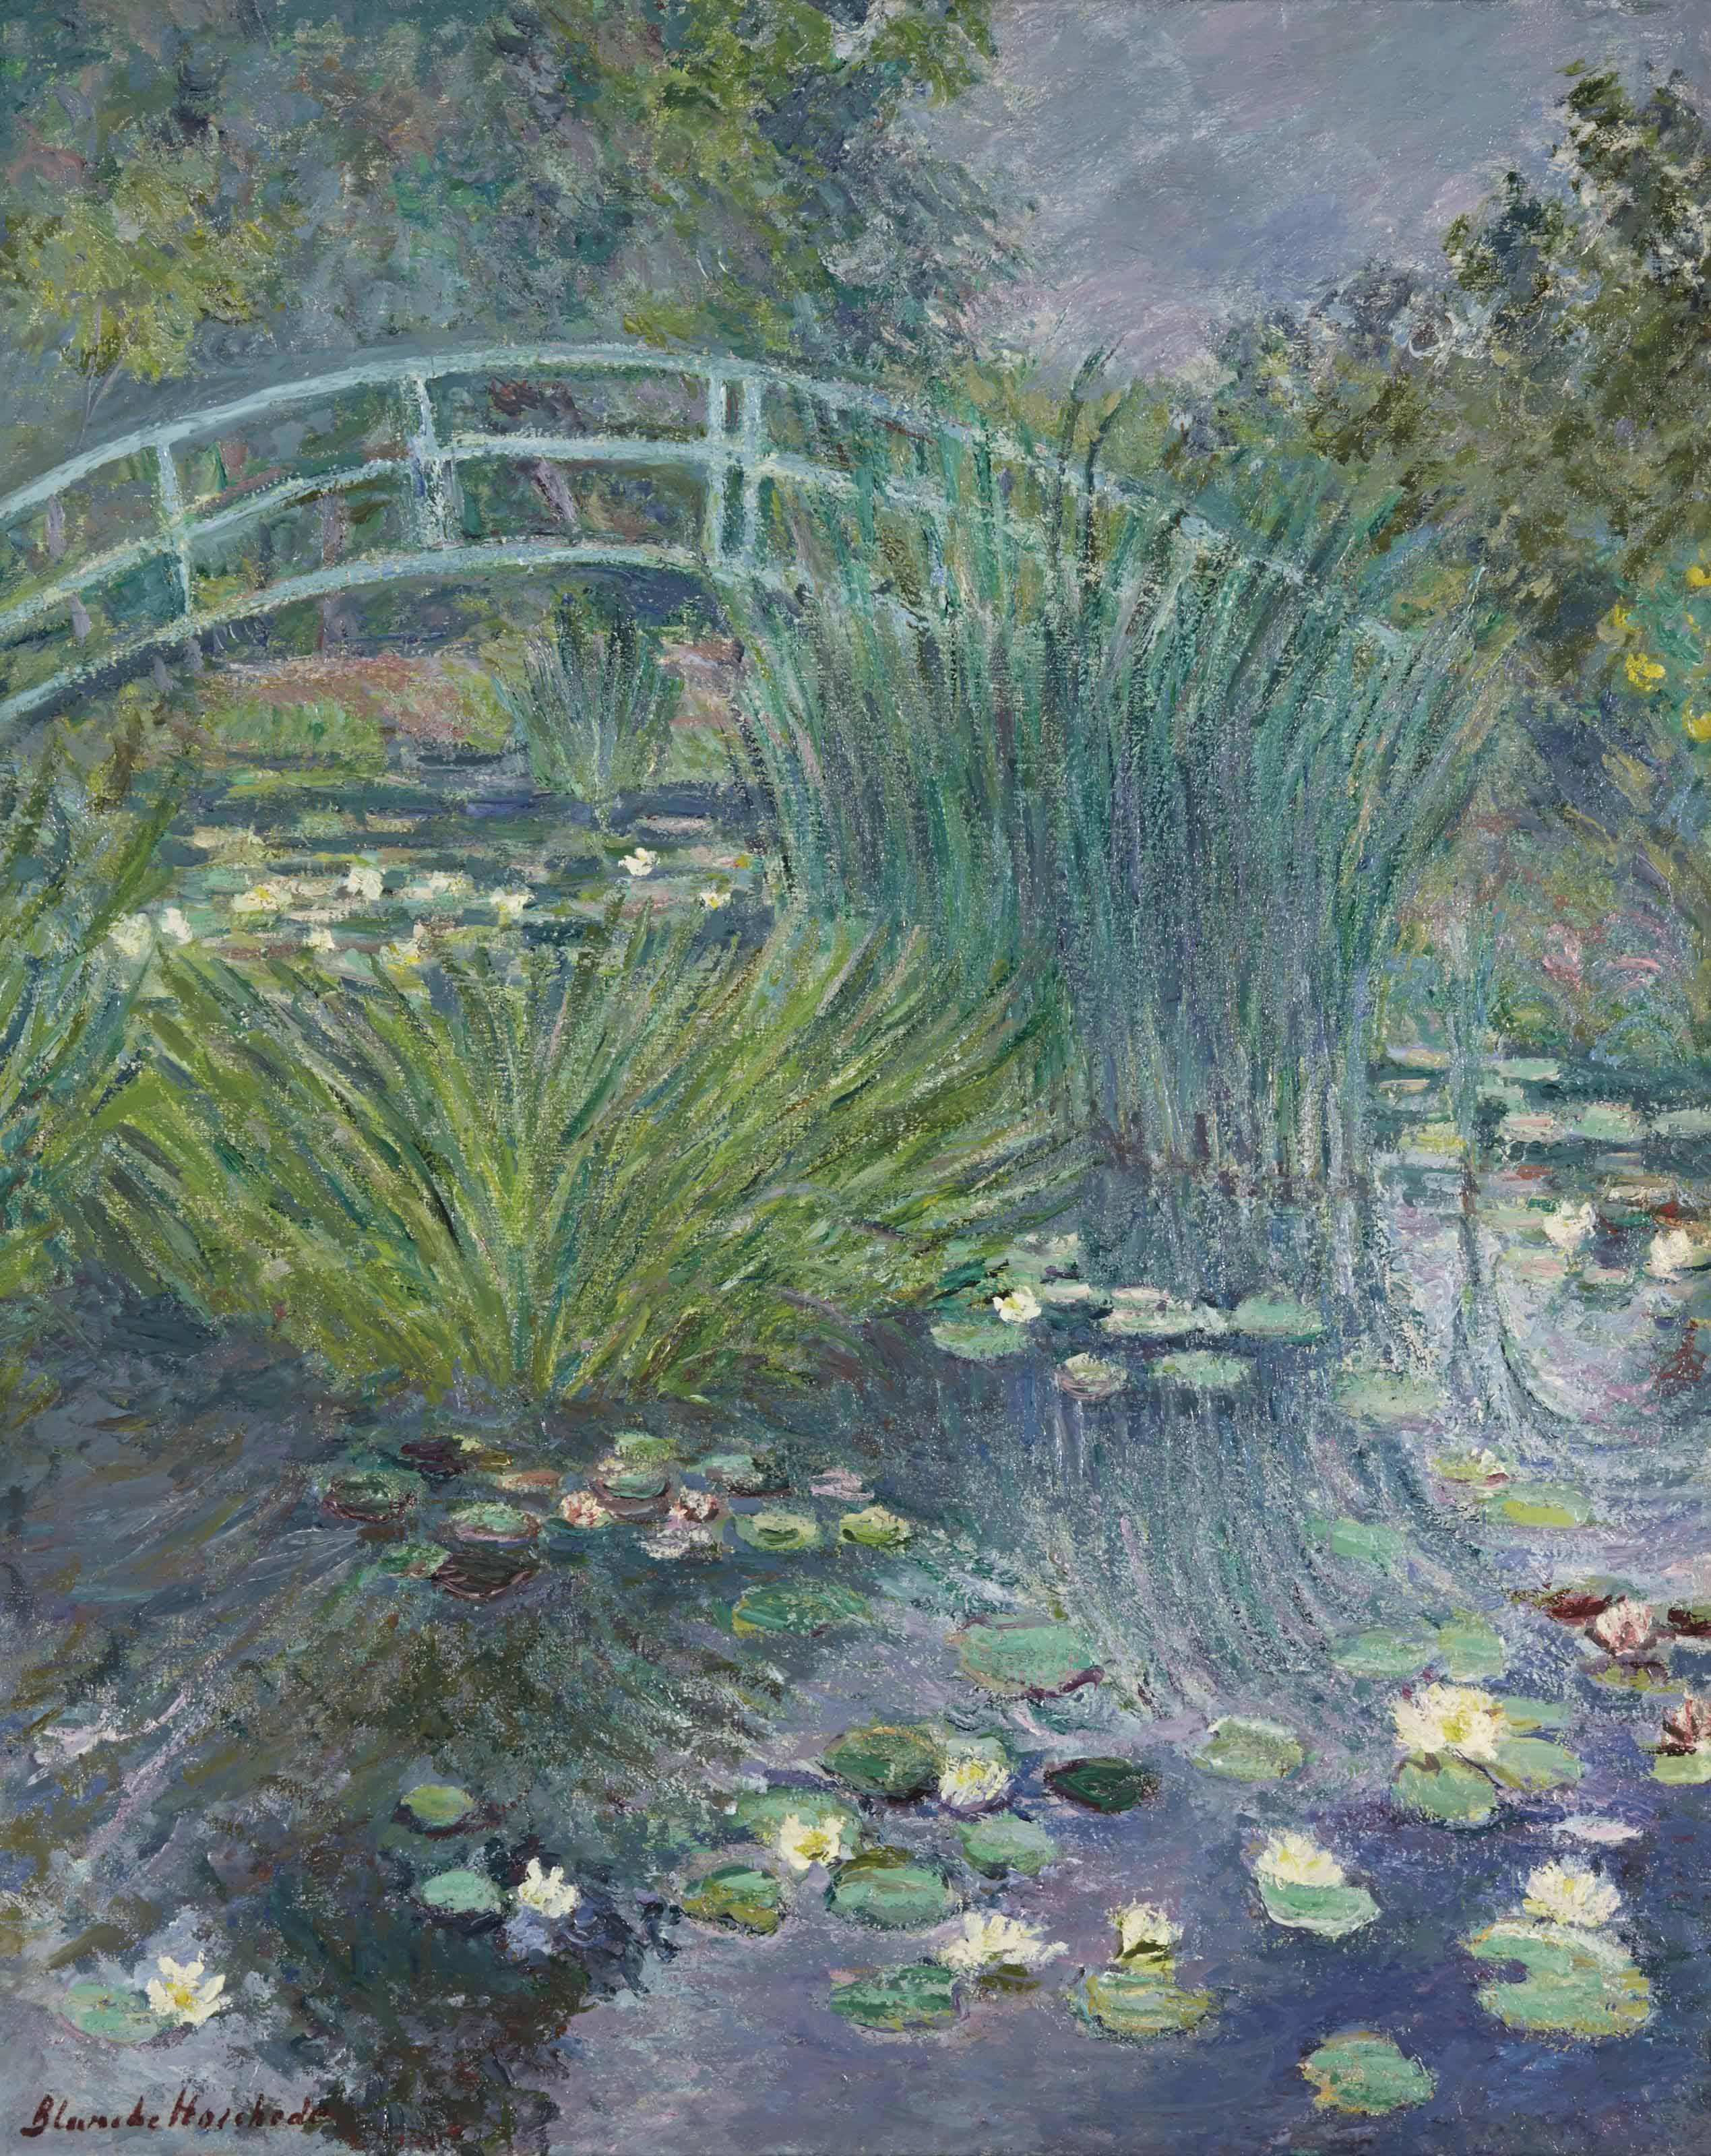 Passerelle sur l'étang aux nymphéas (Giverny)